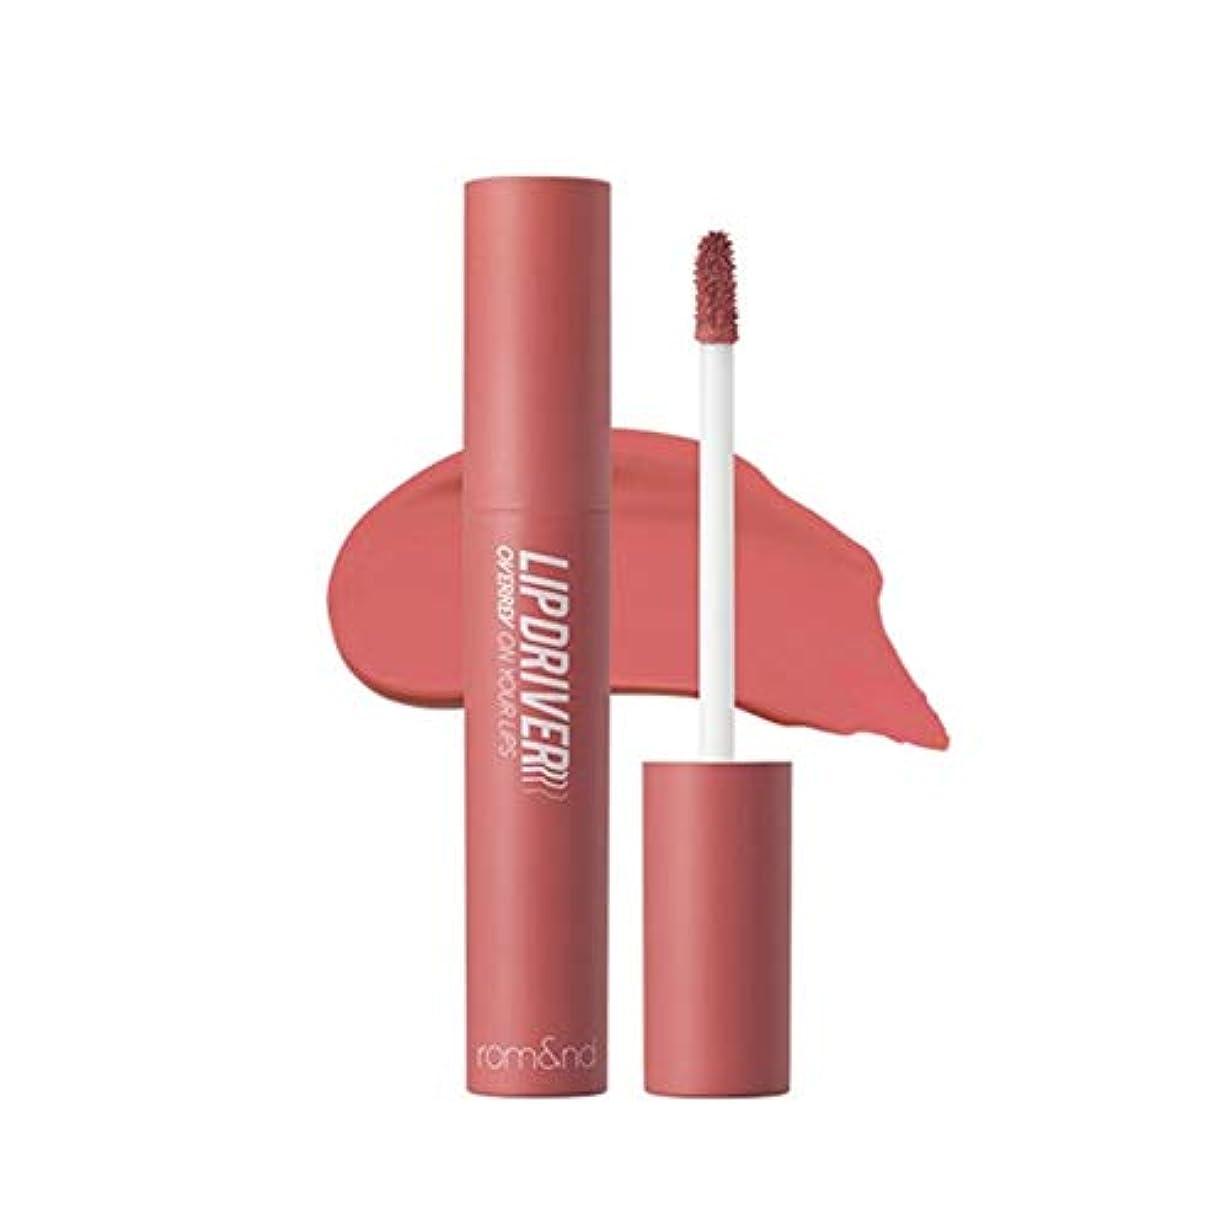 メンバー掃くパリティローム?アンド?リップドライバリップスティック5カラー韓国コスメ、Rom&nd Lipdriver Lipstick 5 Colors Korean Cosmetics [並行輸入品] (#05. overrev)